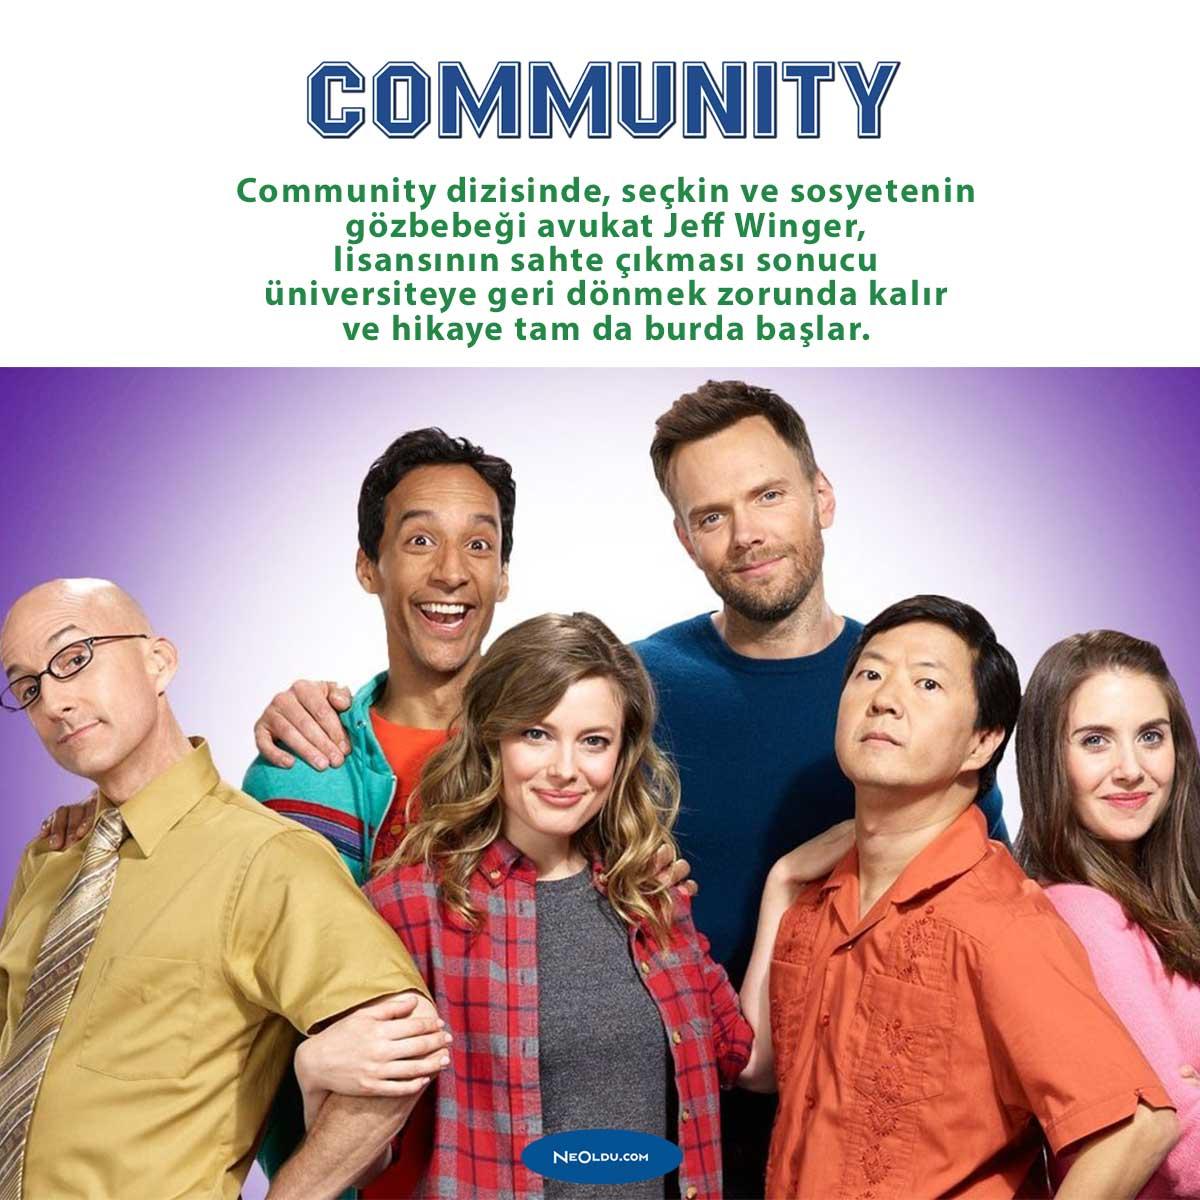 community-dizisi-hakkinda-bilgi-ve-izleyici-yorumlari.jpg